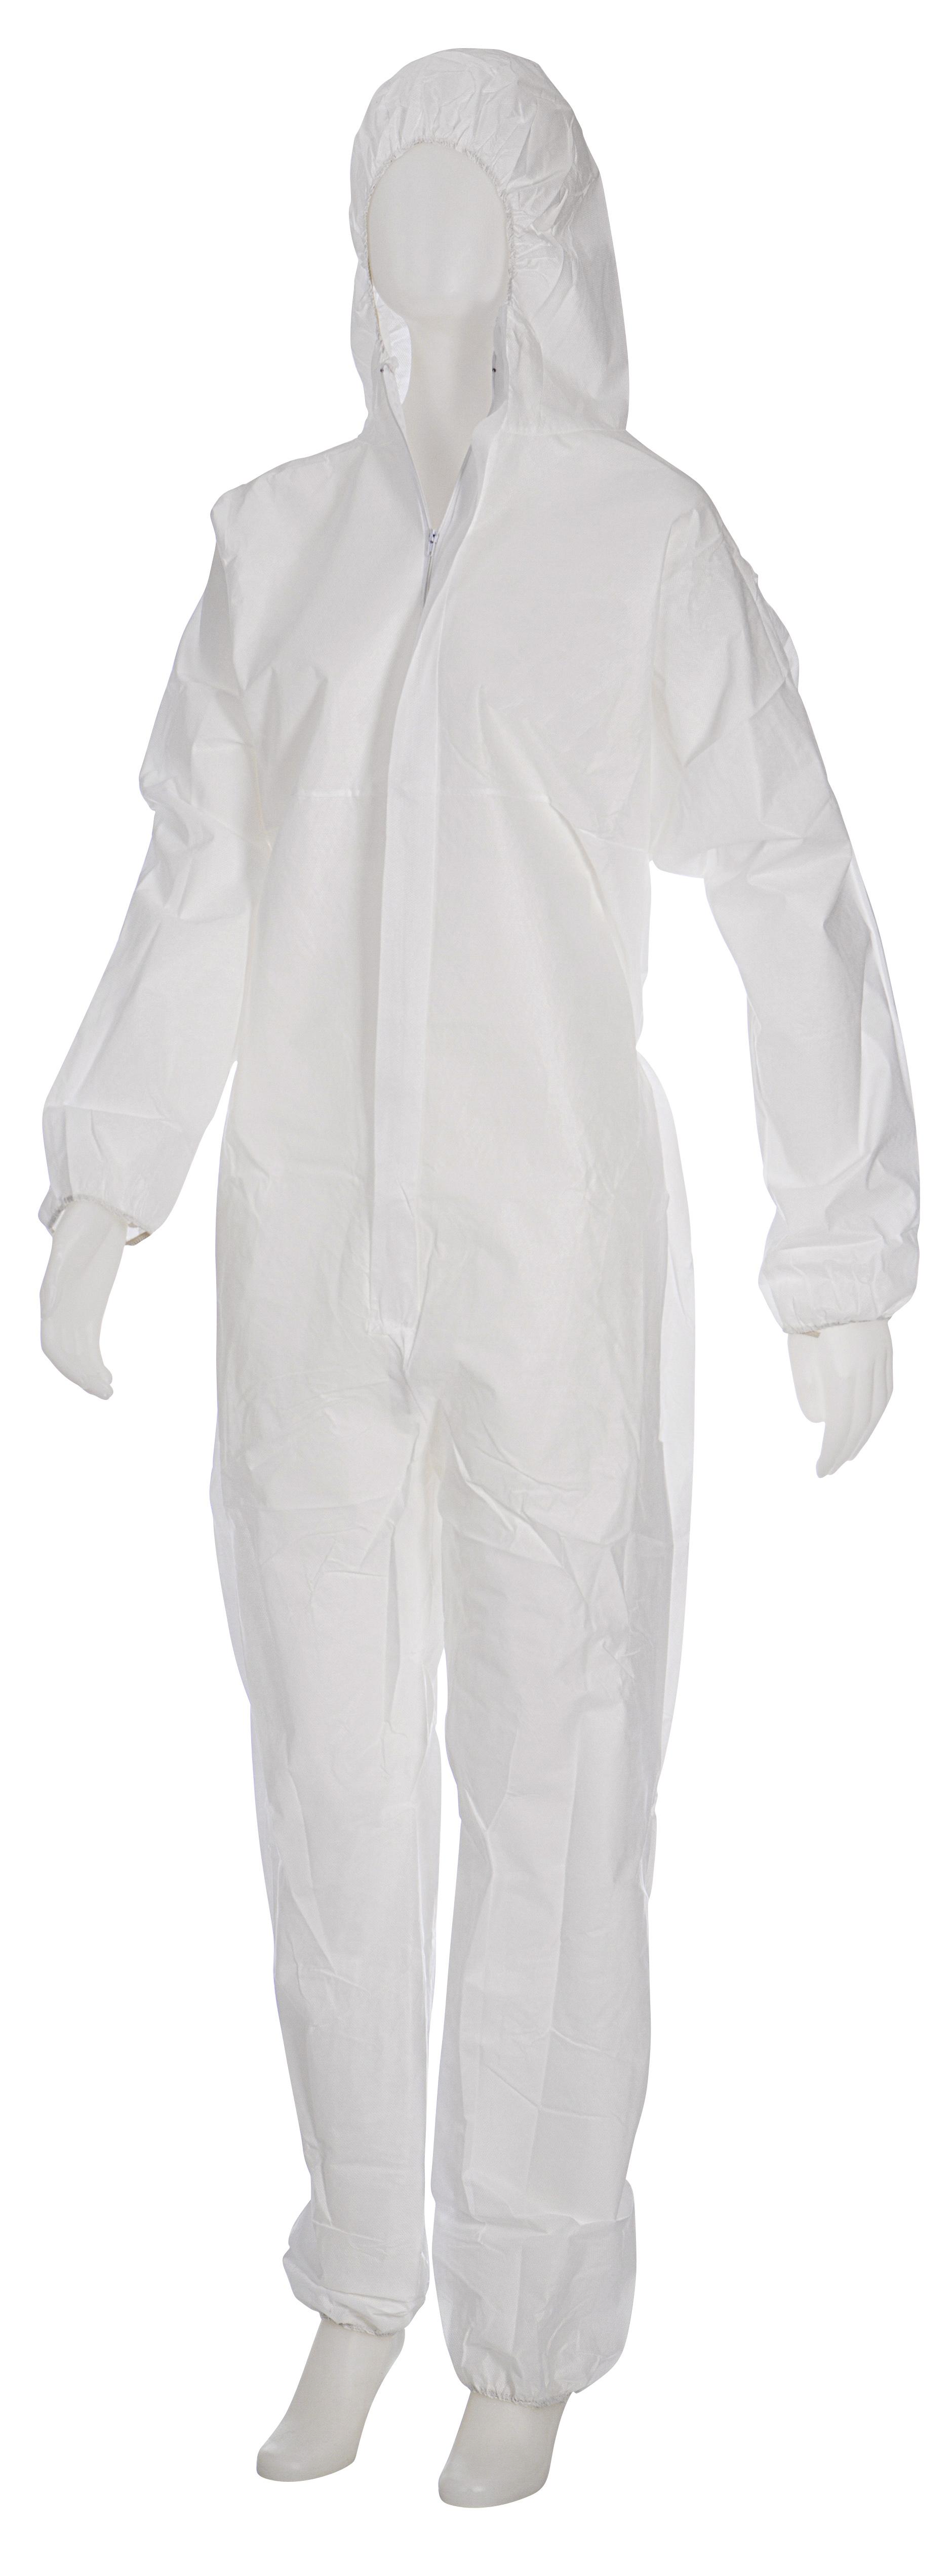 AMPRI Einweg Overall MED COMFORT Safe Protect 3 VE 1 Stück weiß